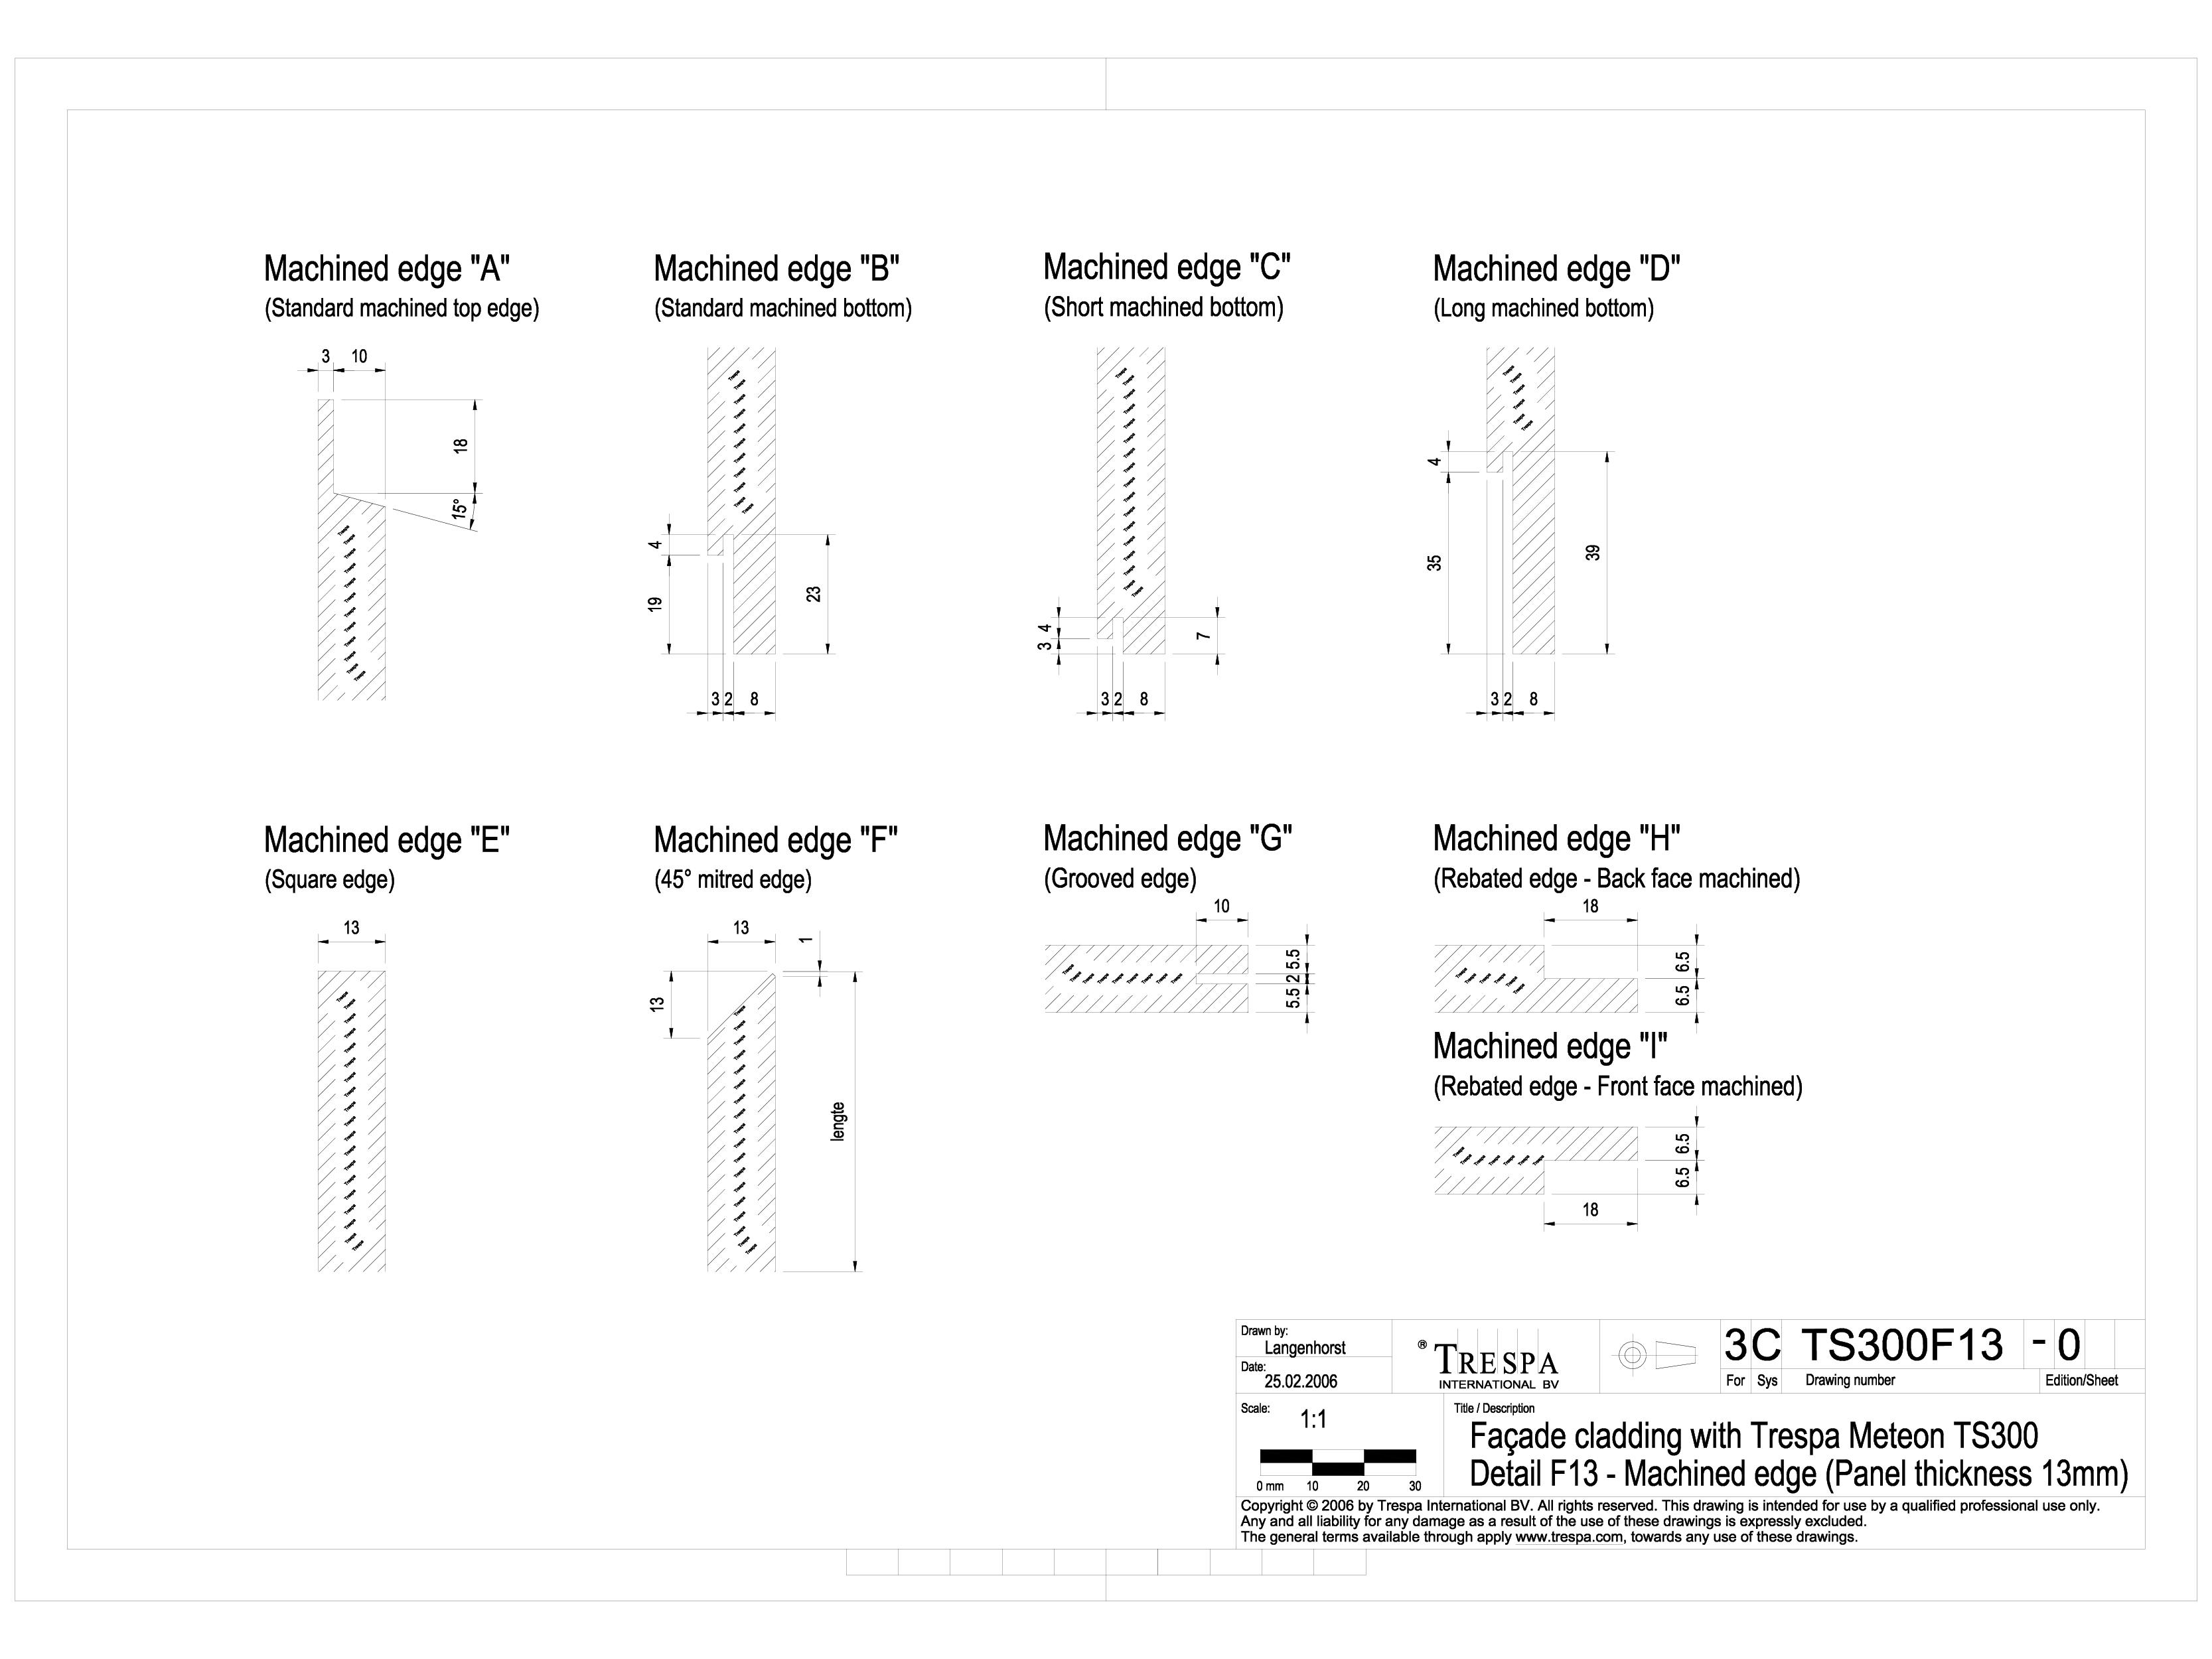 Sisteme de prindere fatade ventilate cu profile oarbe de 13mm METEON TRESPA Placi HPL pentru fatade ventilate GIBB TECHNOLOGIES  - Pagina 1